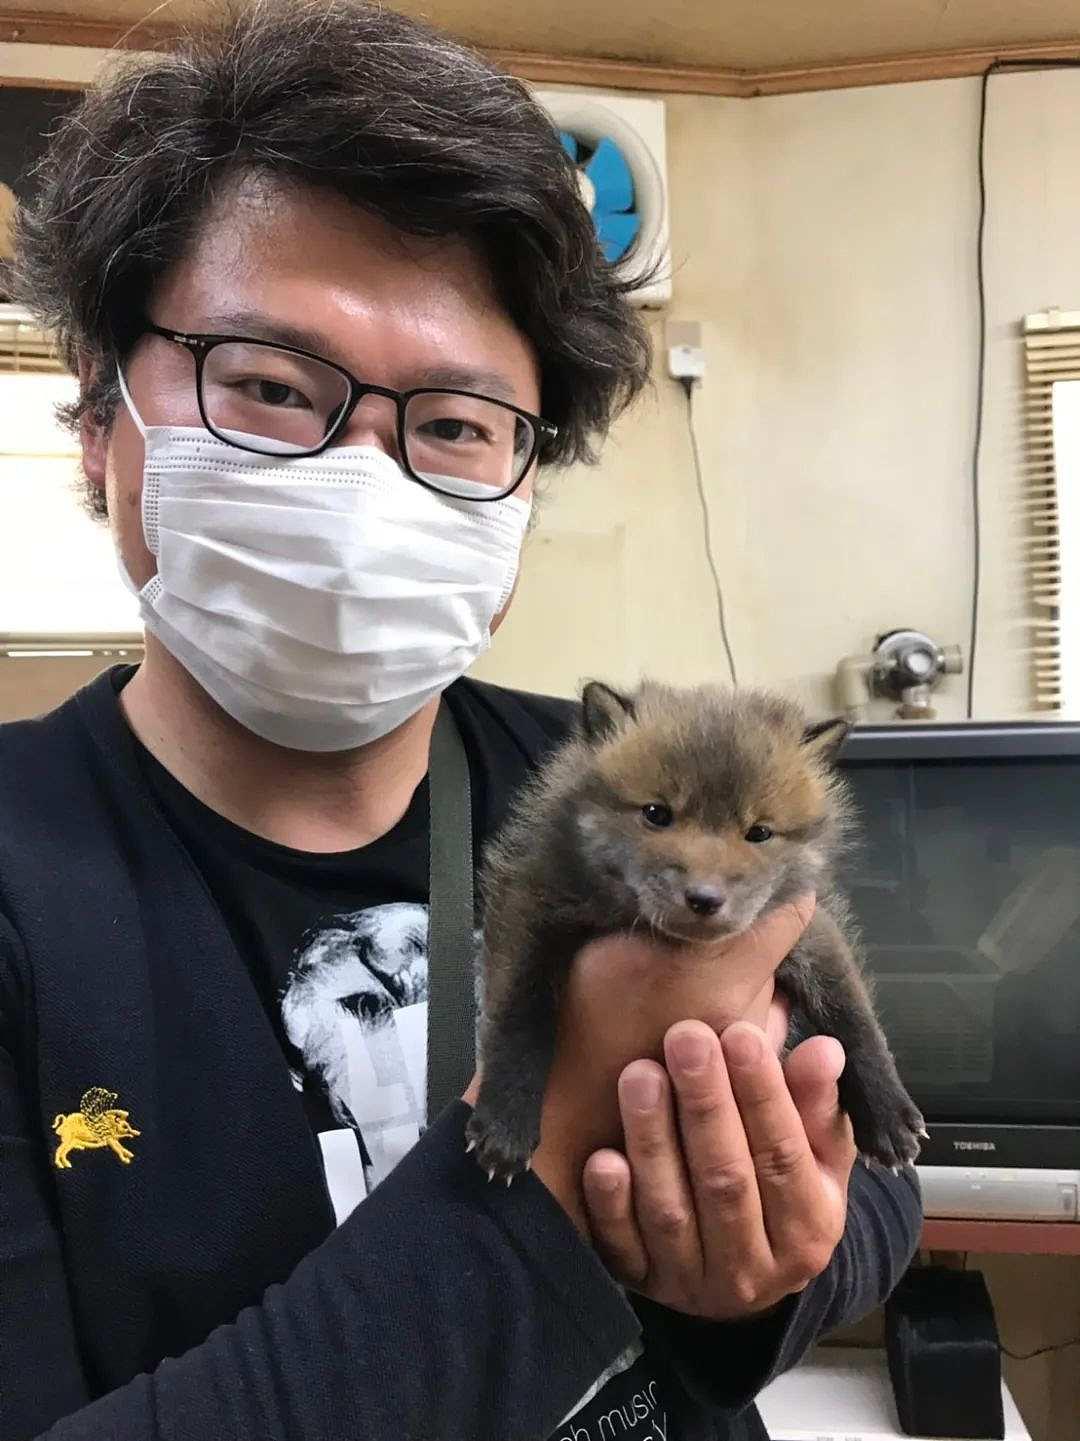 日本网友路边捡了只小奶狗,网友却纷纷劝他:赶紧送走!